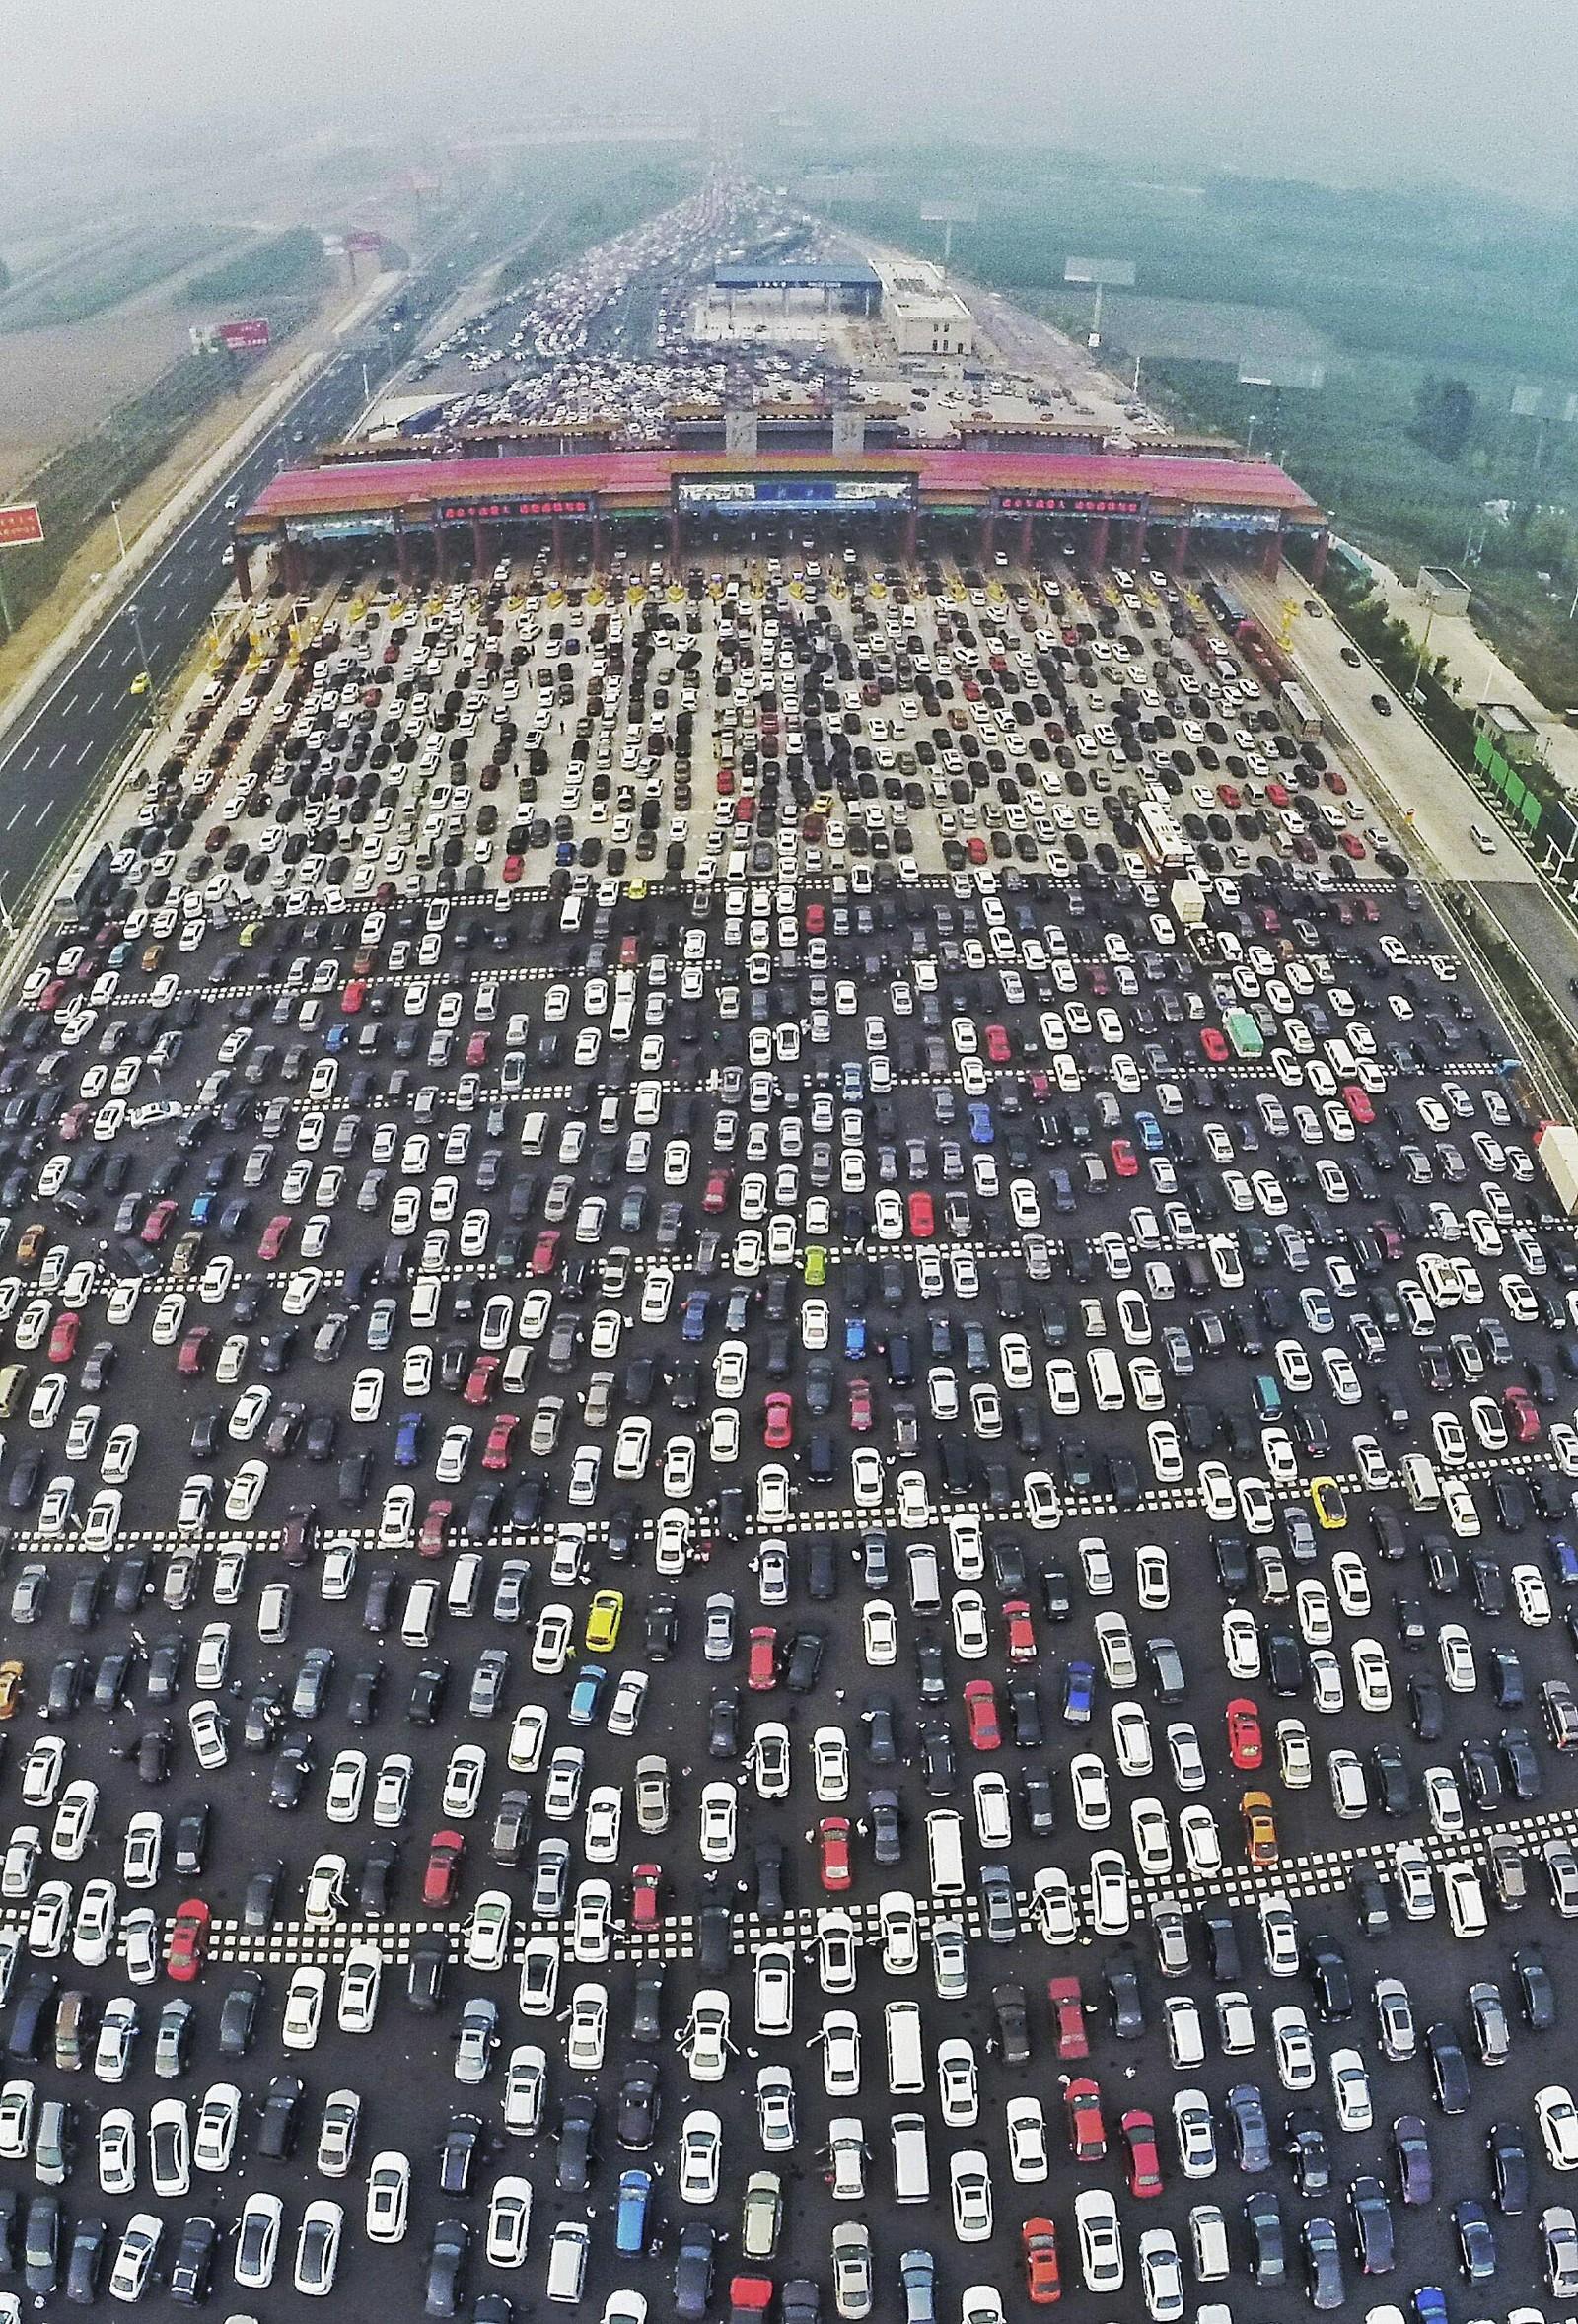 Det ble fullstendig trafikkaos da 750 millioner kinesere skulle hjem fra ferie denne uka. Her fra veien inn mot Beijing der den 50 felt brede motorveien blir til 20 felter etter bomringen.